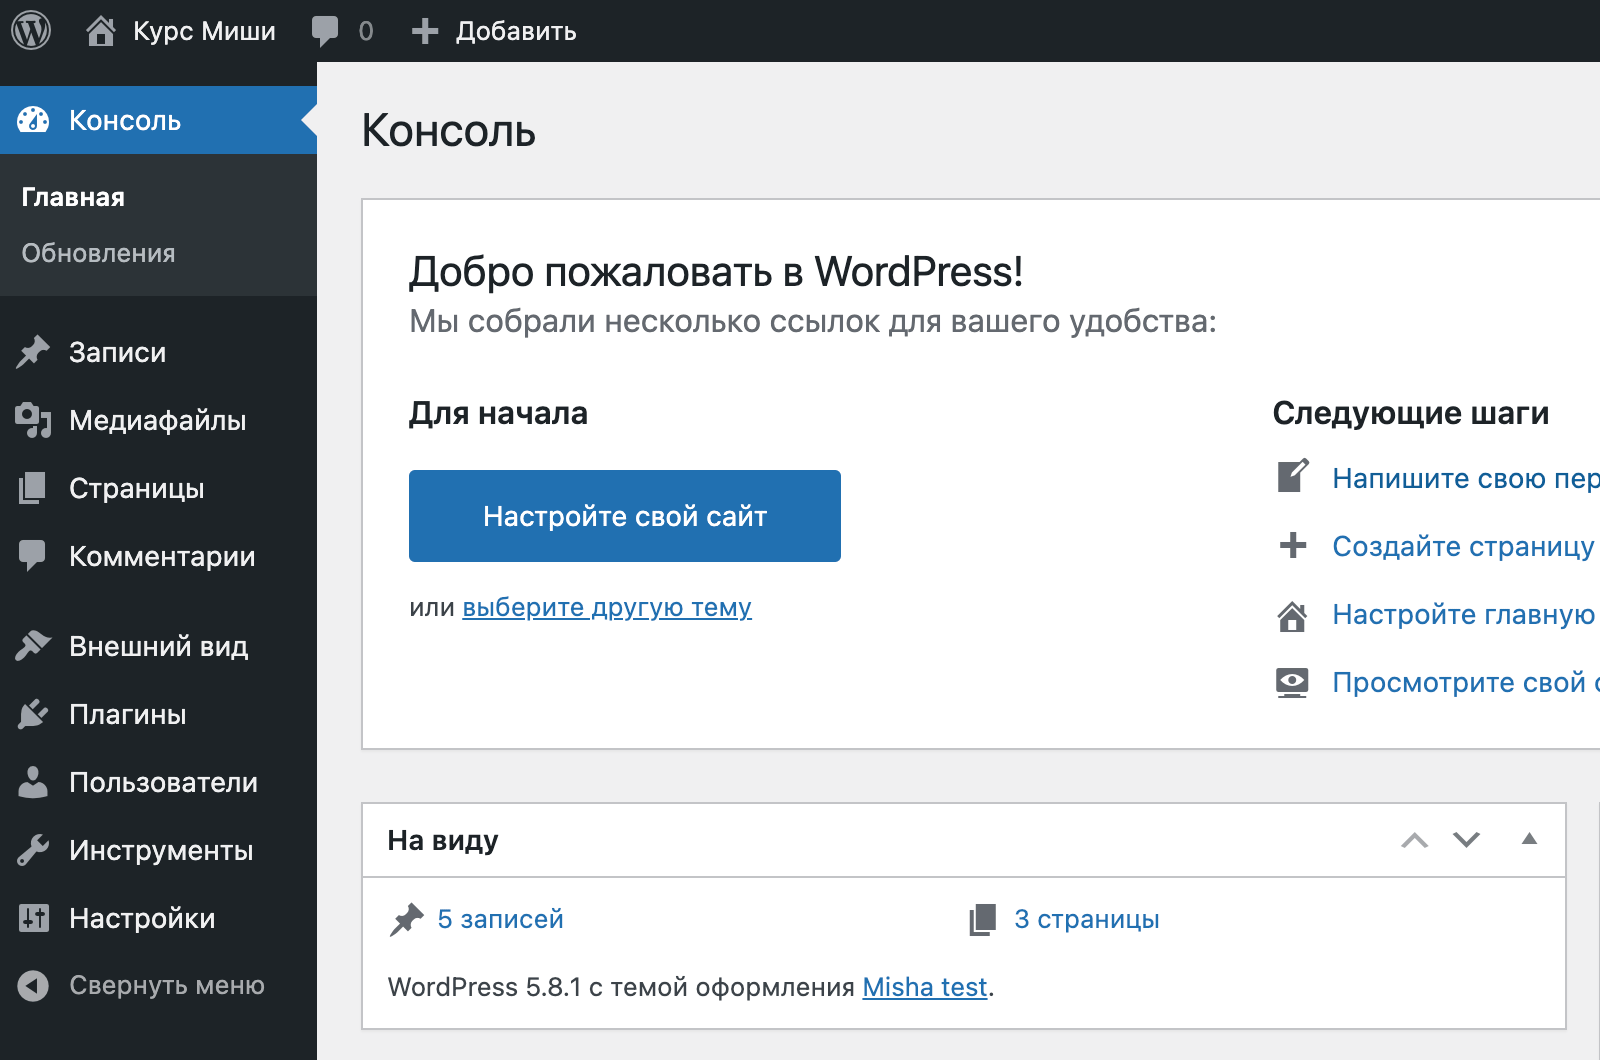 админка администраторов в WordPress